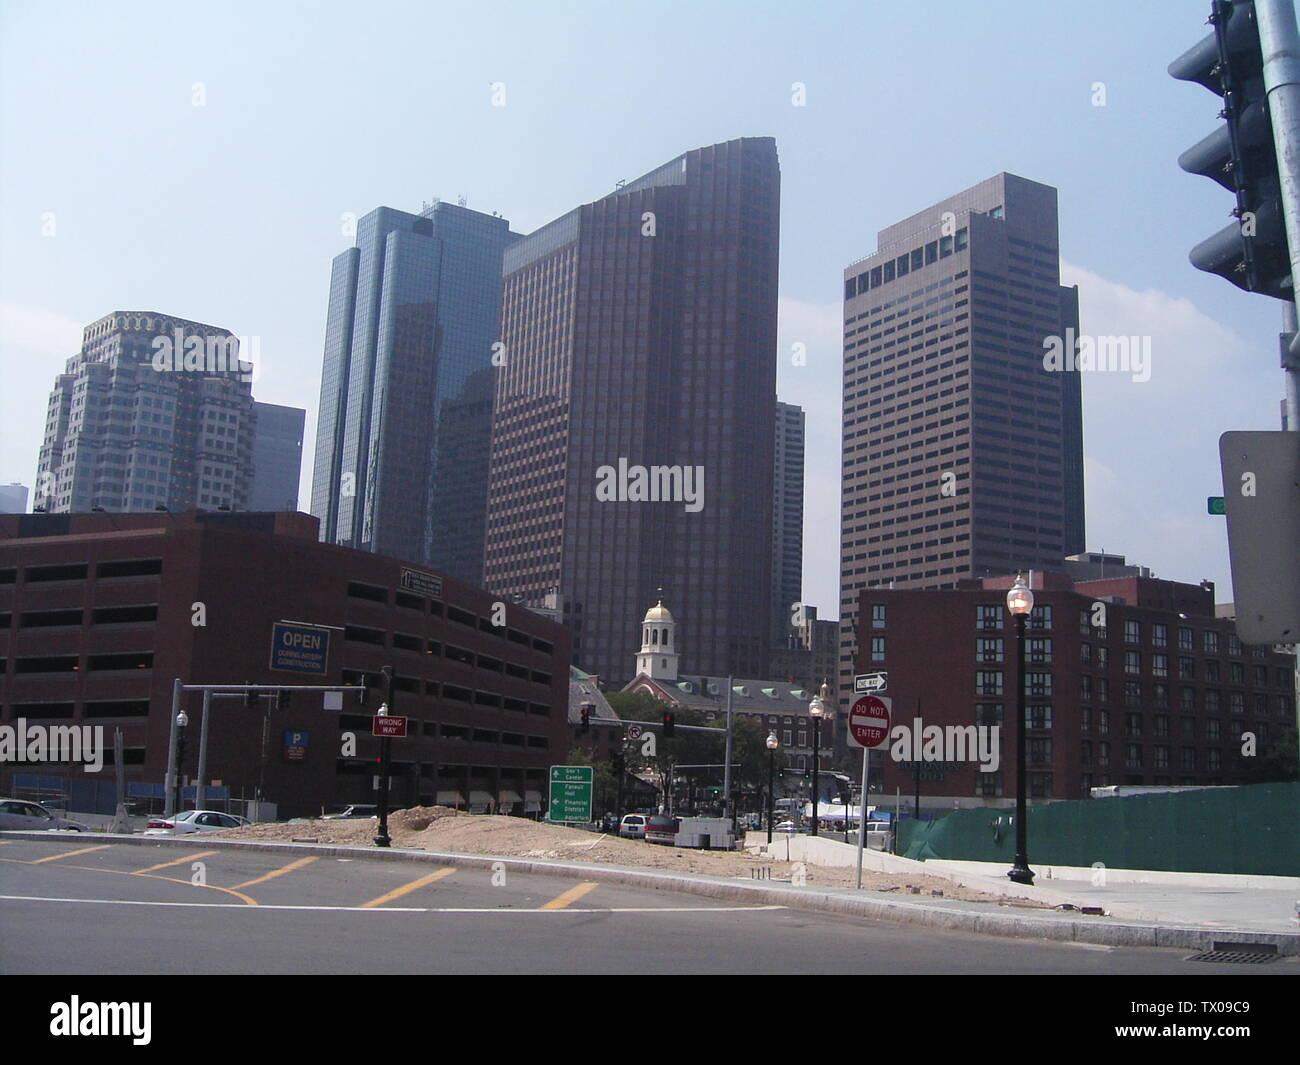 'Deutsch: Skyline von Boston, Massachusetts; agosto de 2005; Privatbild selbst aufgenommen; CX827GX 20:11, 8. Ene 2006 (CET); ' Imagen De Stock